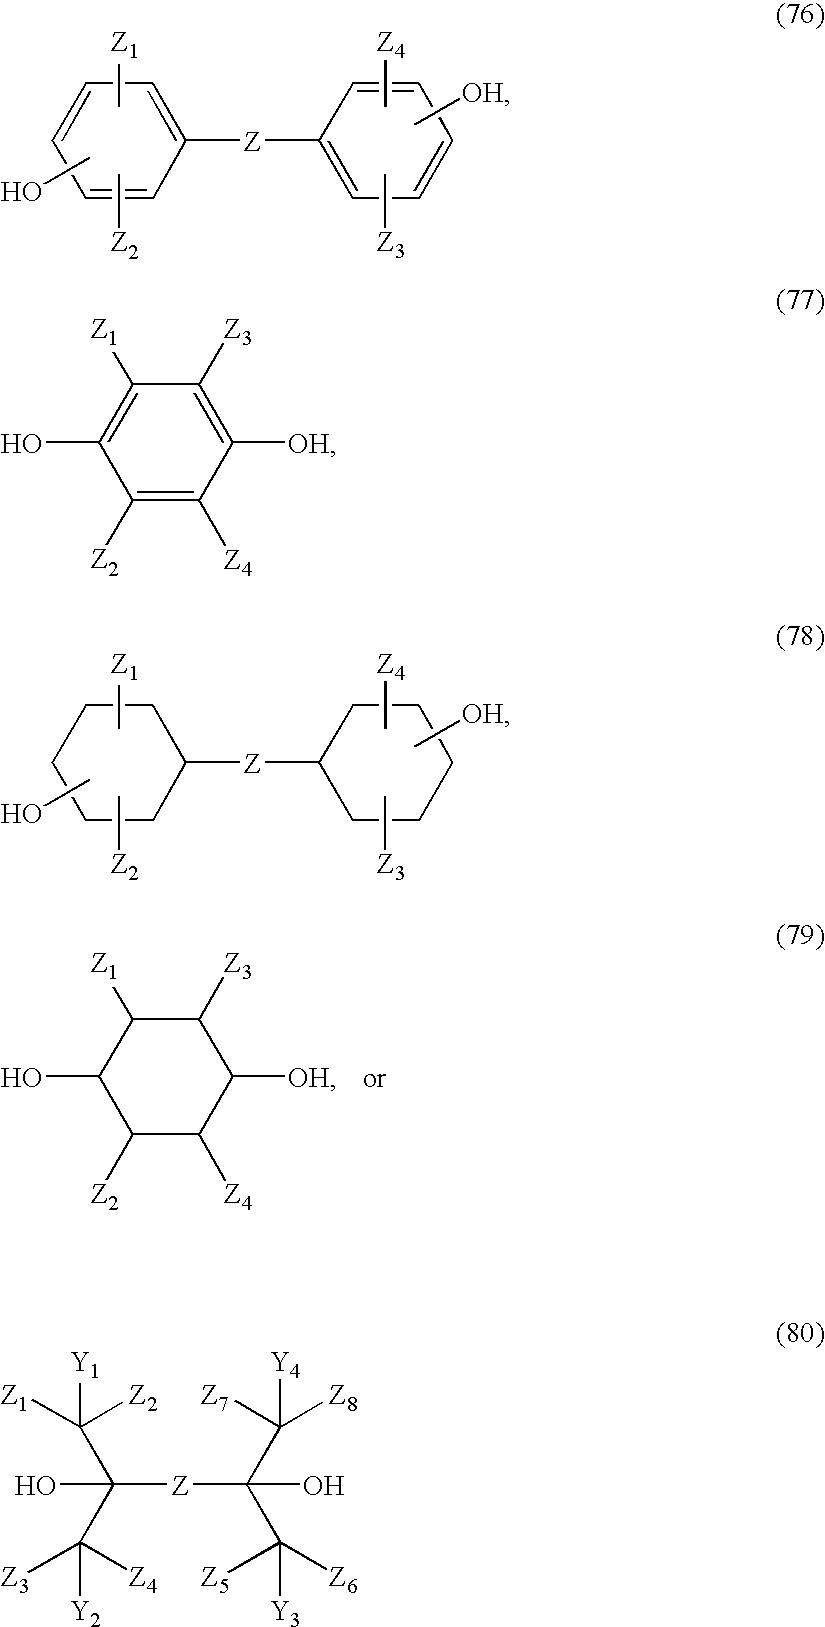 Figure US20080064527A1-20080313-C00046